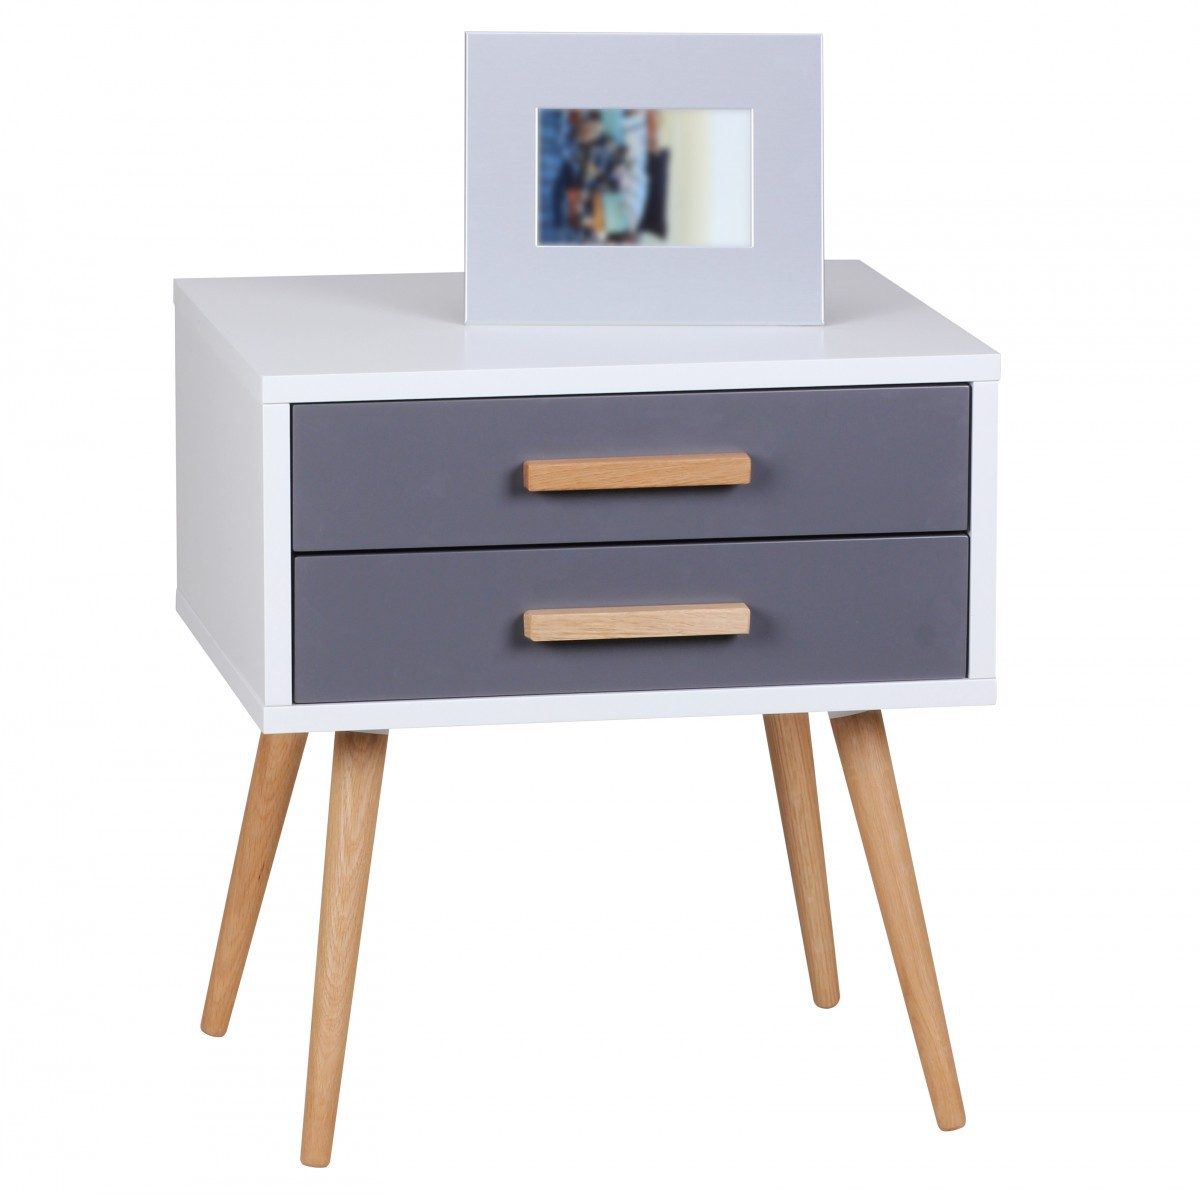 Finebuy design retro nachttisch 50 x 40 x 50 cm wei grau for Sideboard nordisch